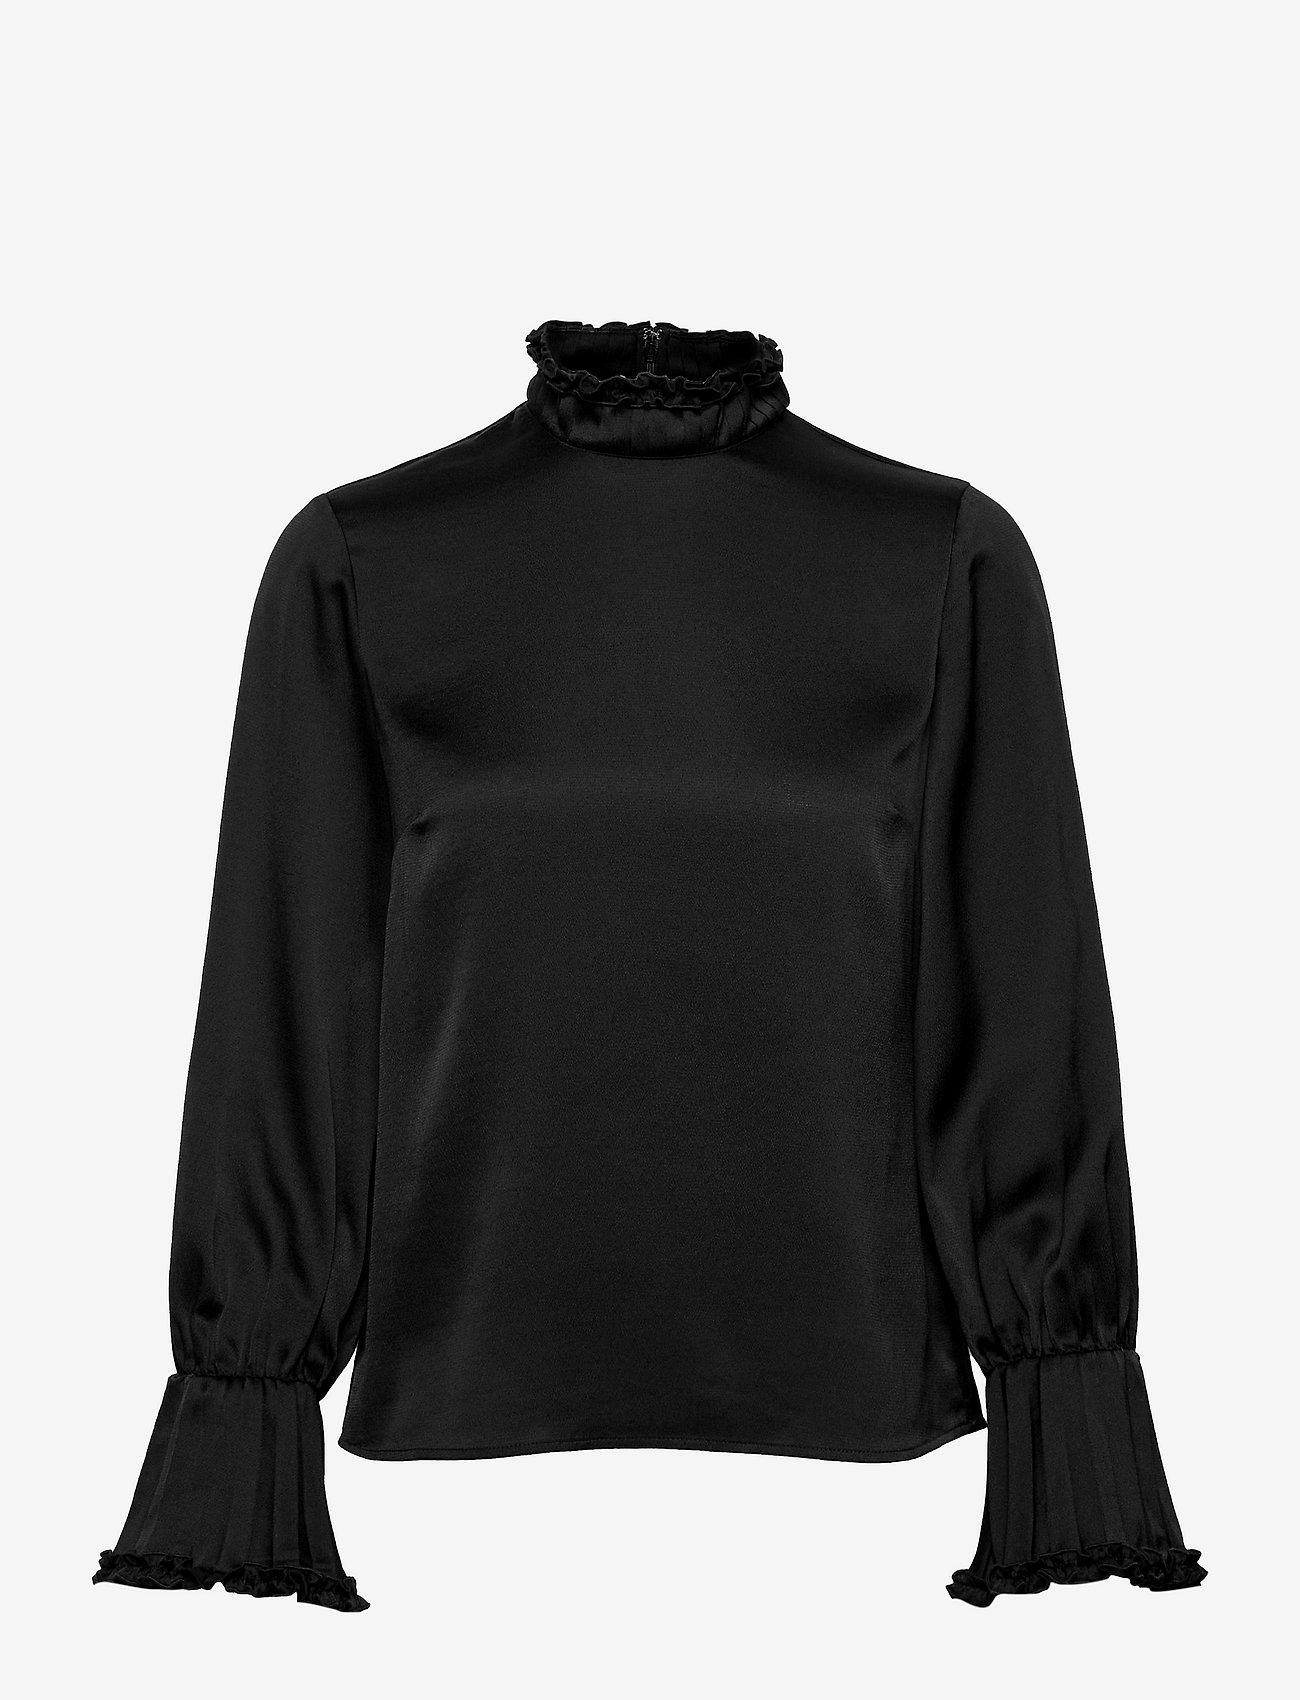 Ivy & Oak - LOBIVIA - long sleeved blouses - black - 0